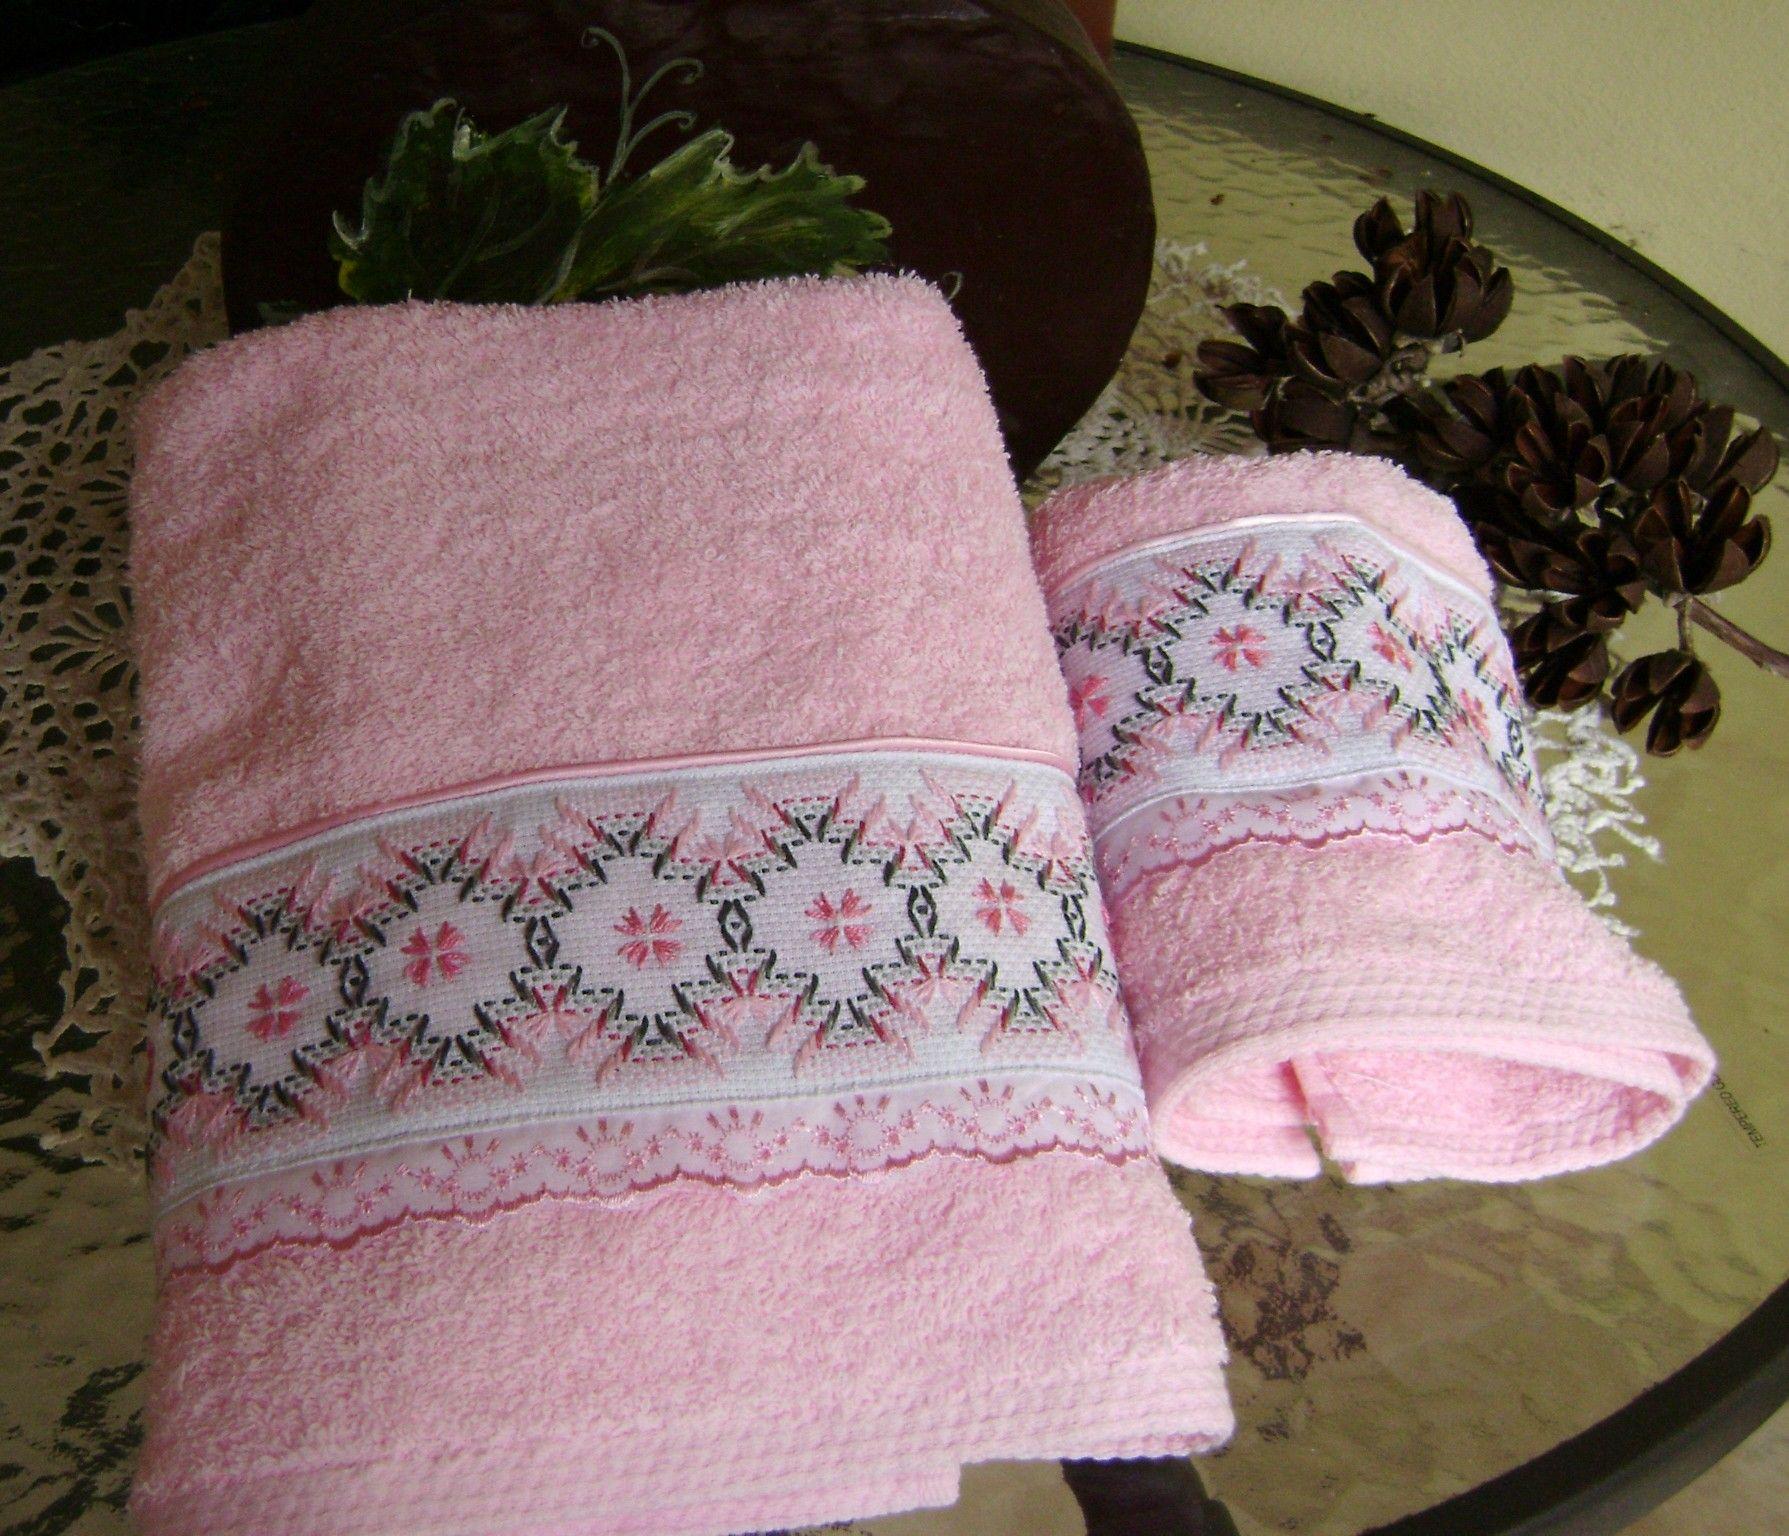 Este juego de toallas de ba o lo he repetido a solicitud de clientas varias veces es - Toallas para bano ...